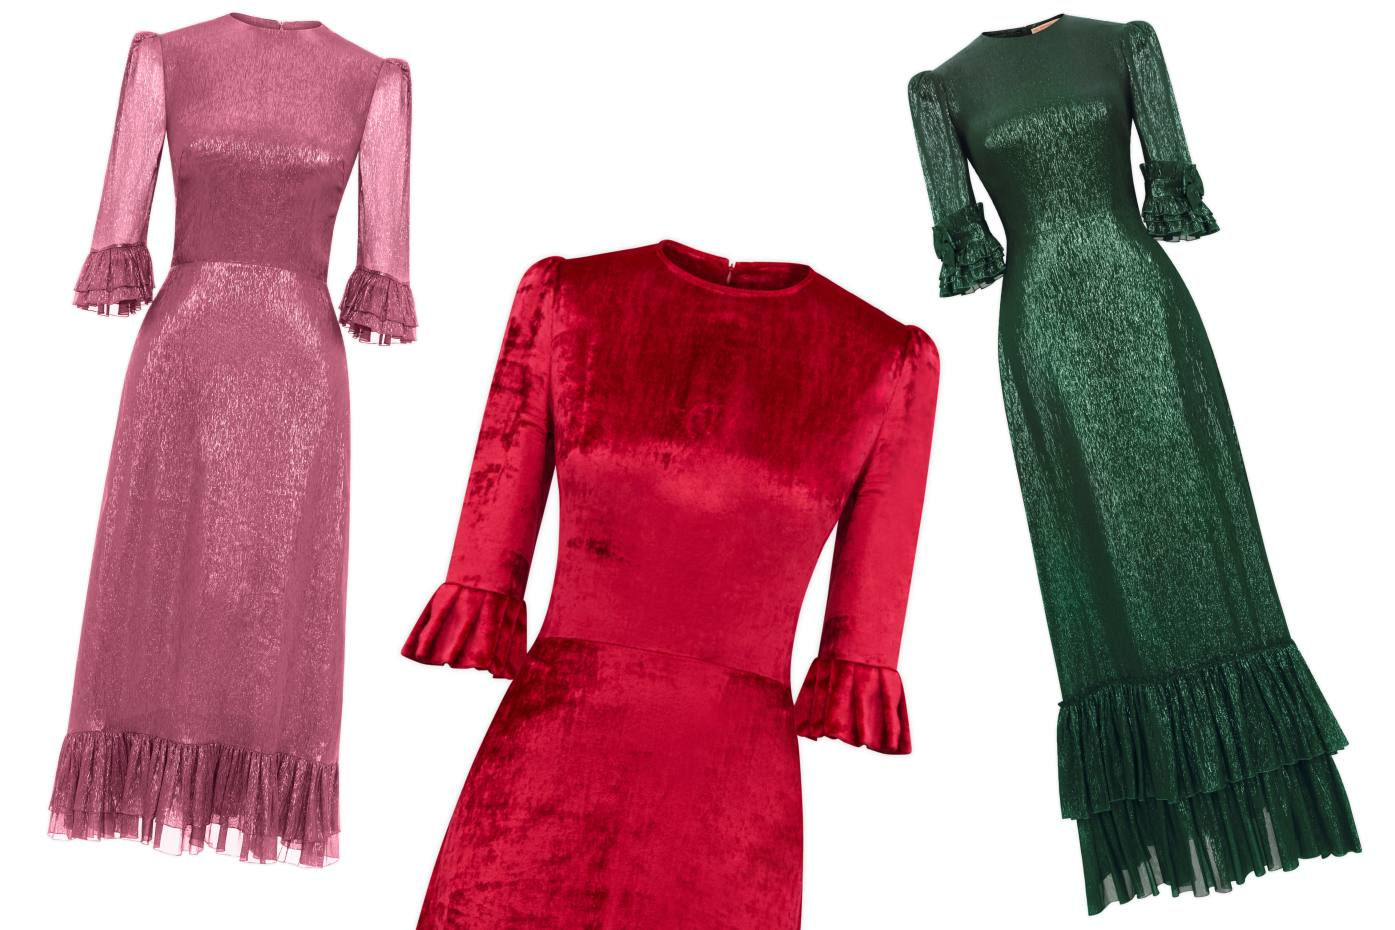 b94982fb9e50c From left: metallic silk Falconetti dress, £1,595. Velvet Festival dress, £